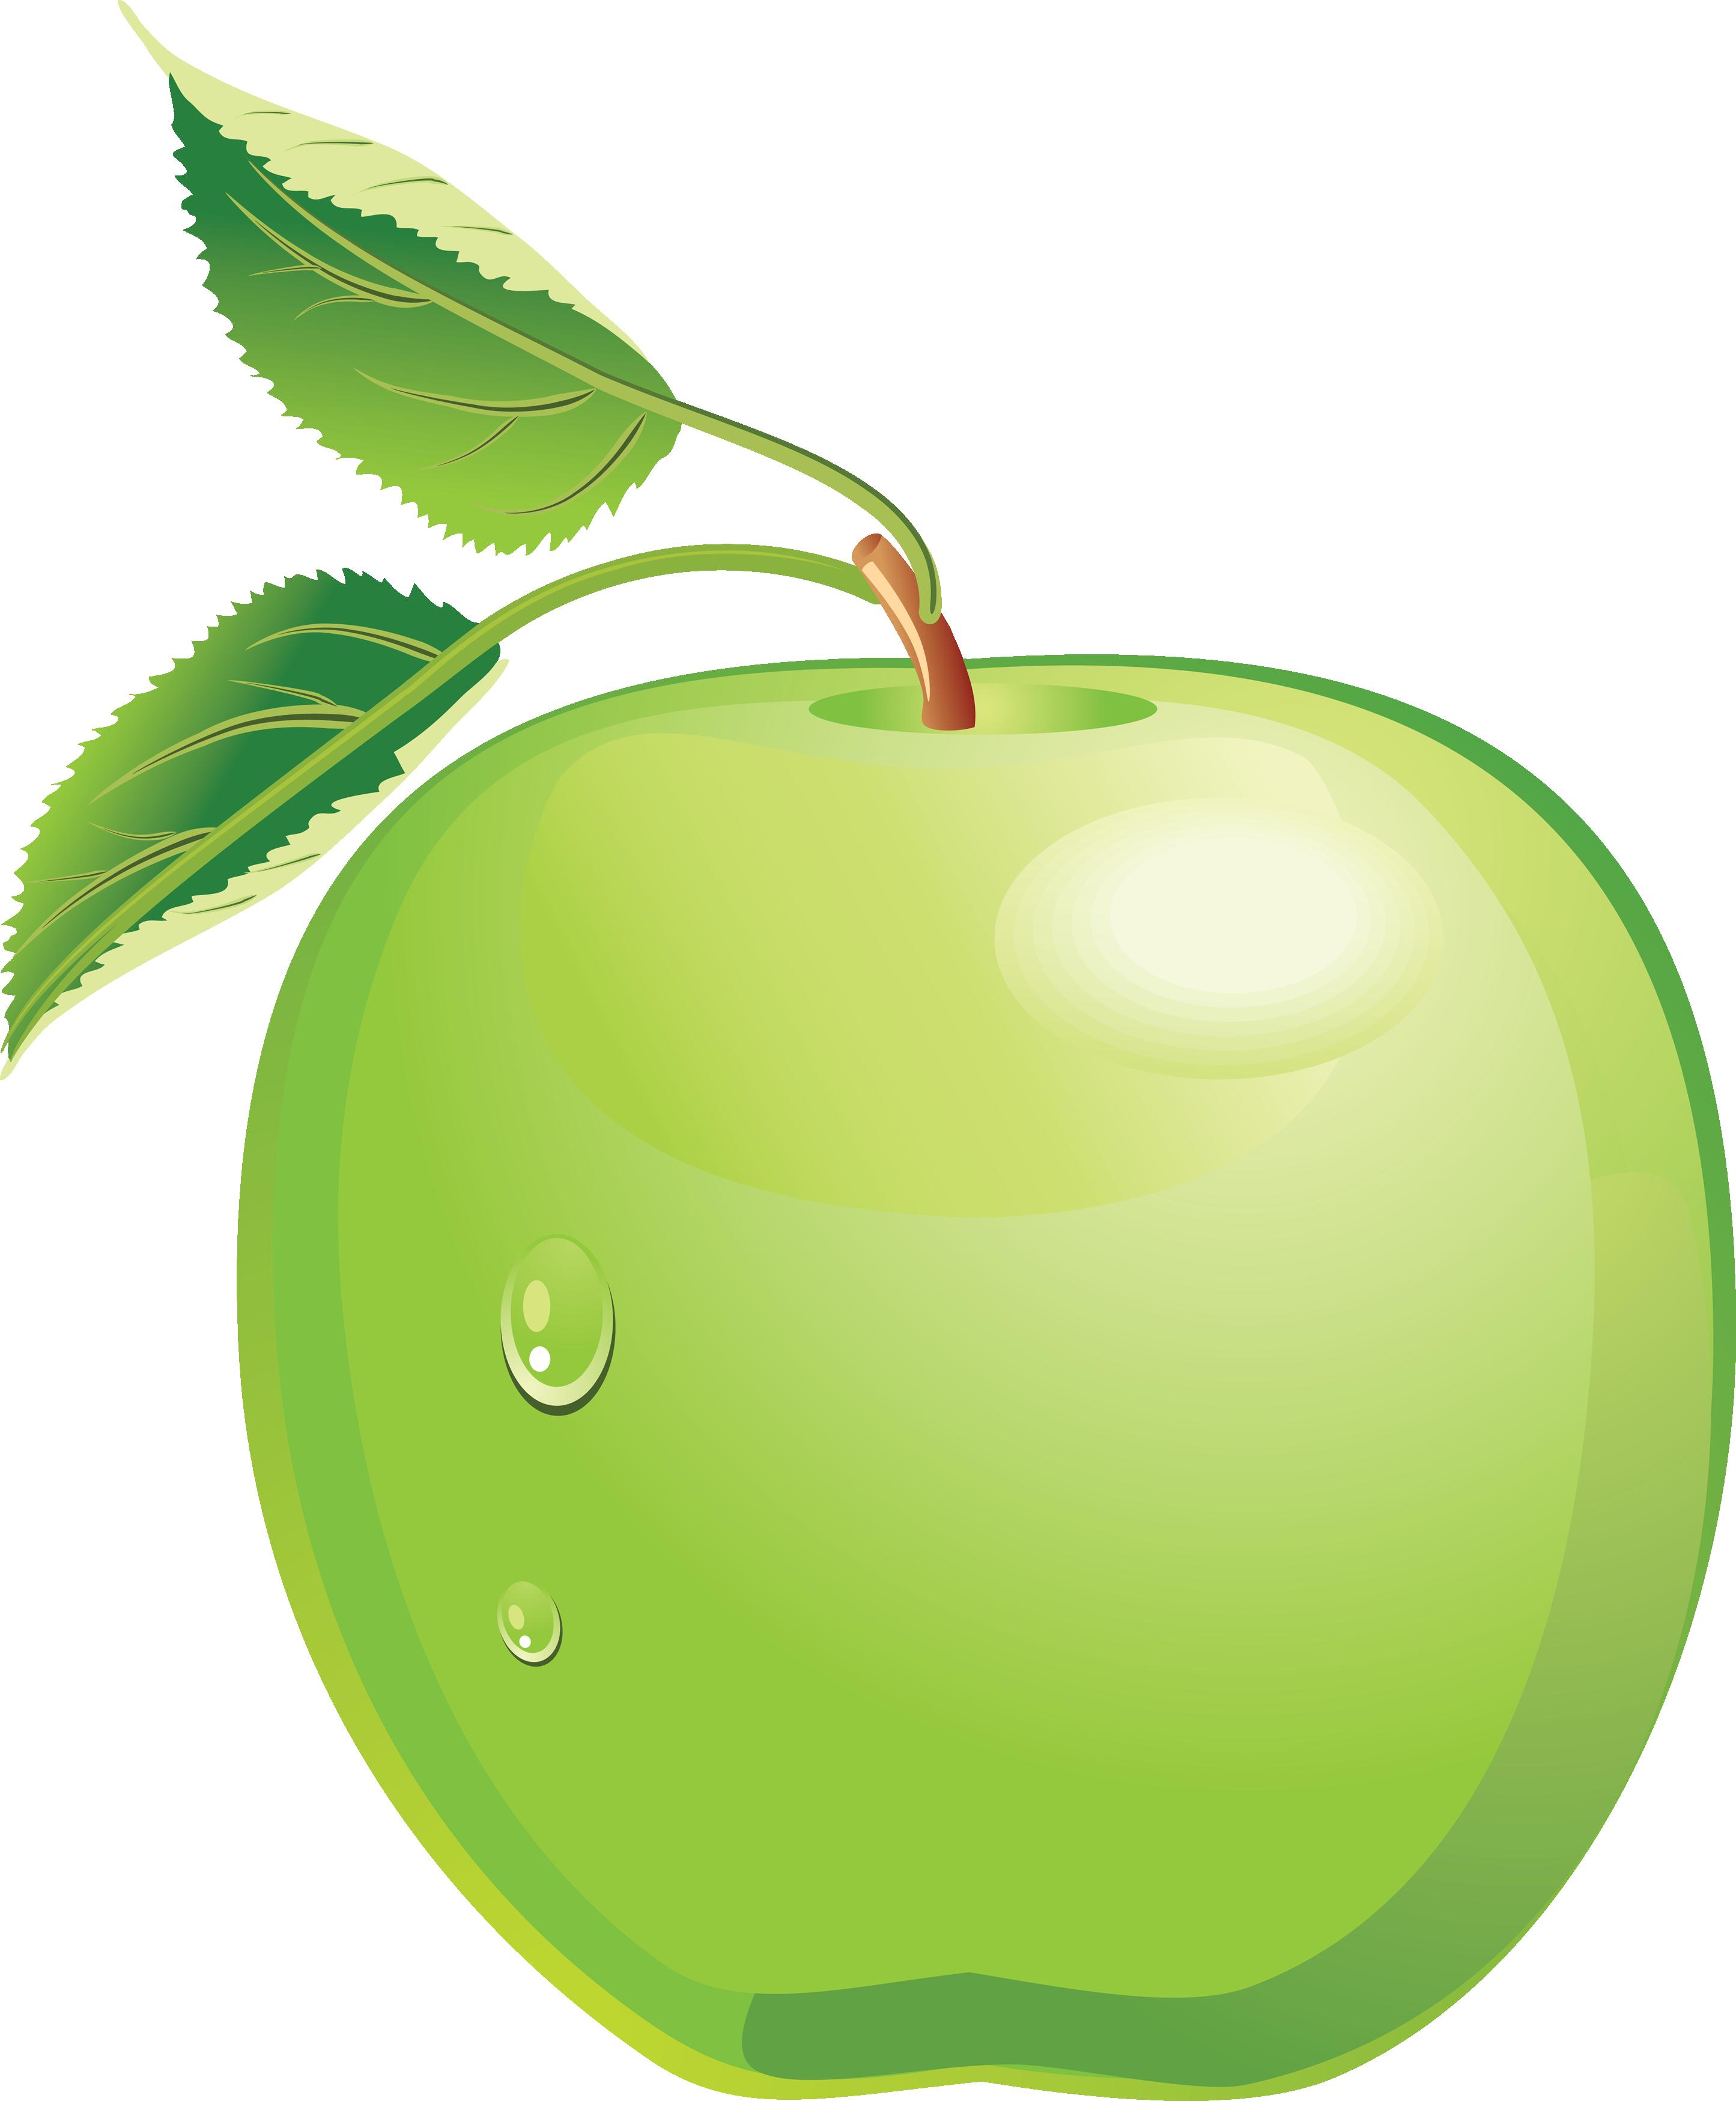 Green Apple Clip Art u2013 Clipart .